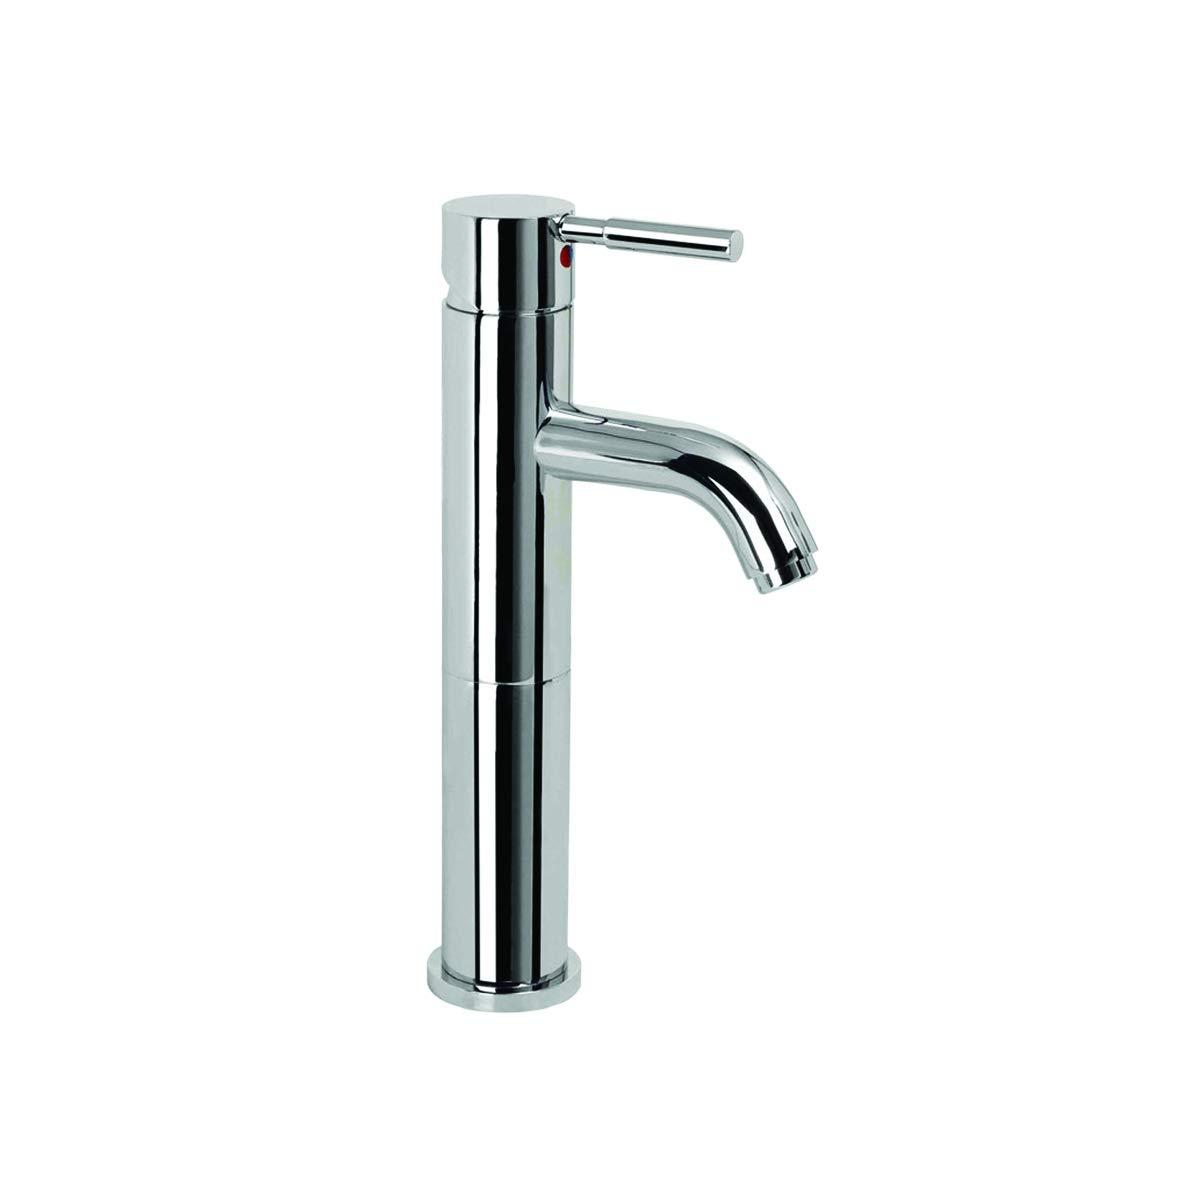 Chrome EZ-FLO 10304 Single Lever Vessel Bathroom Faucet